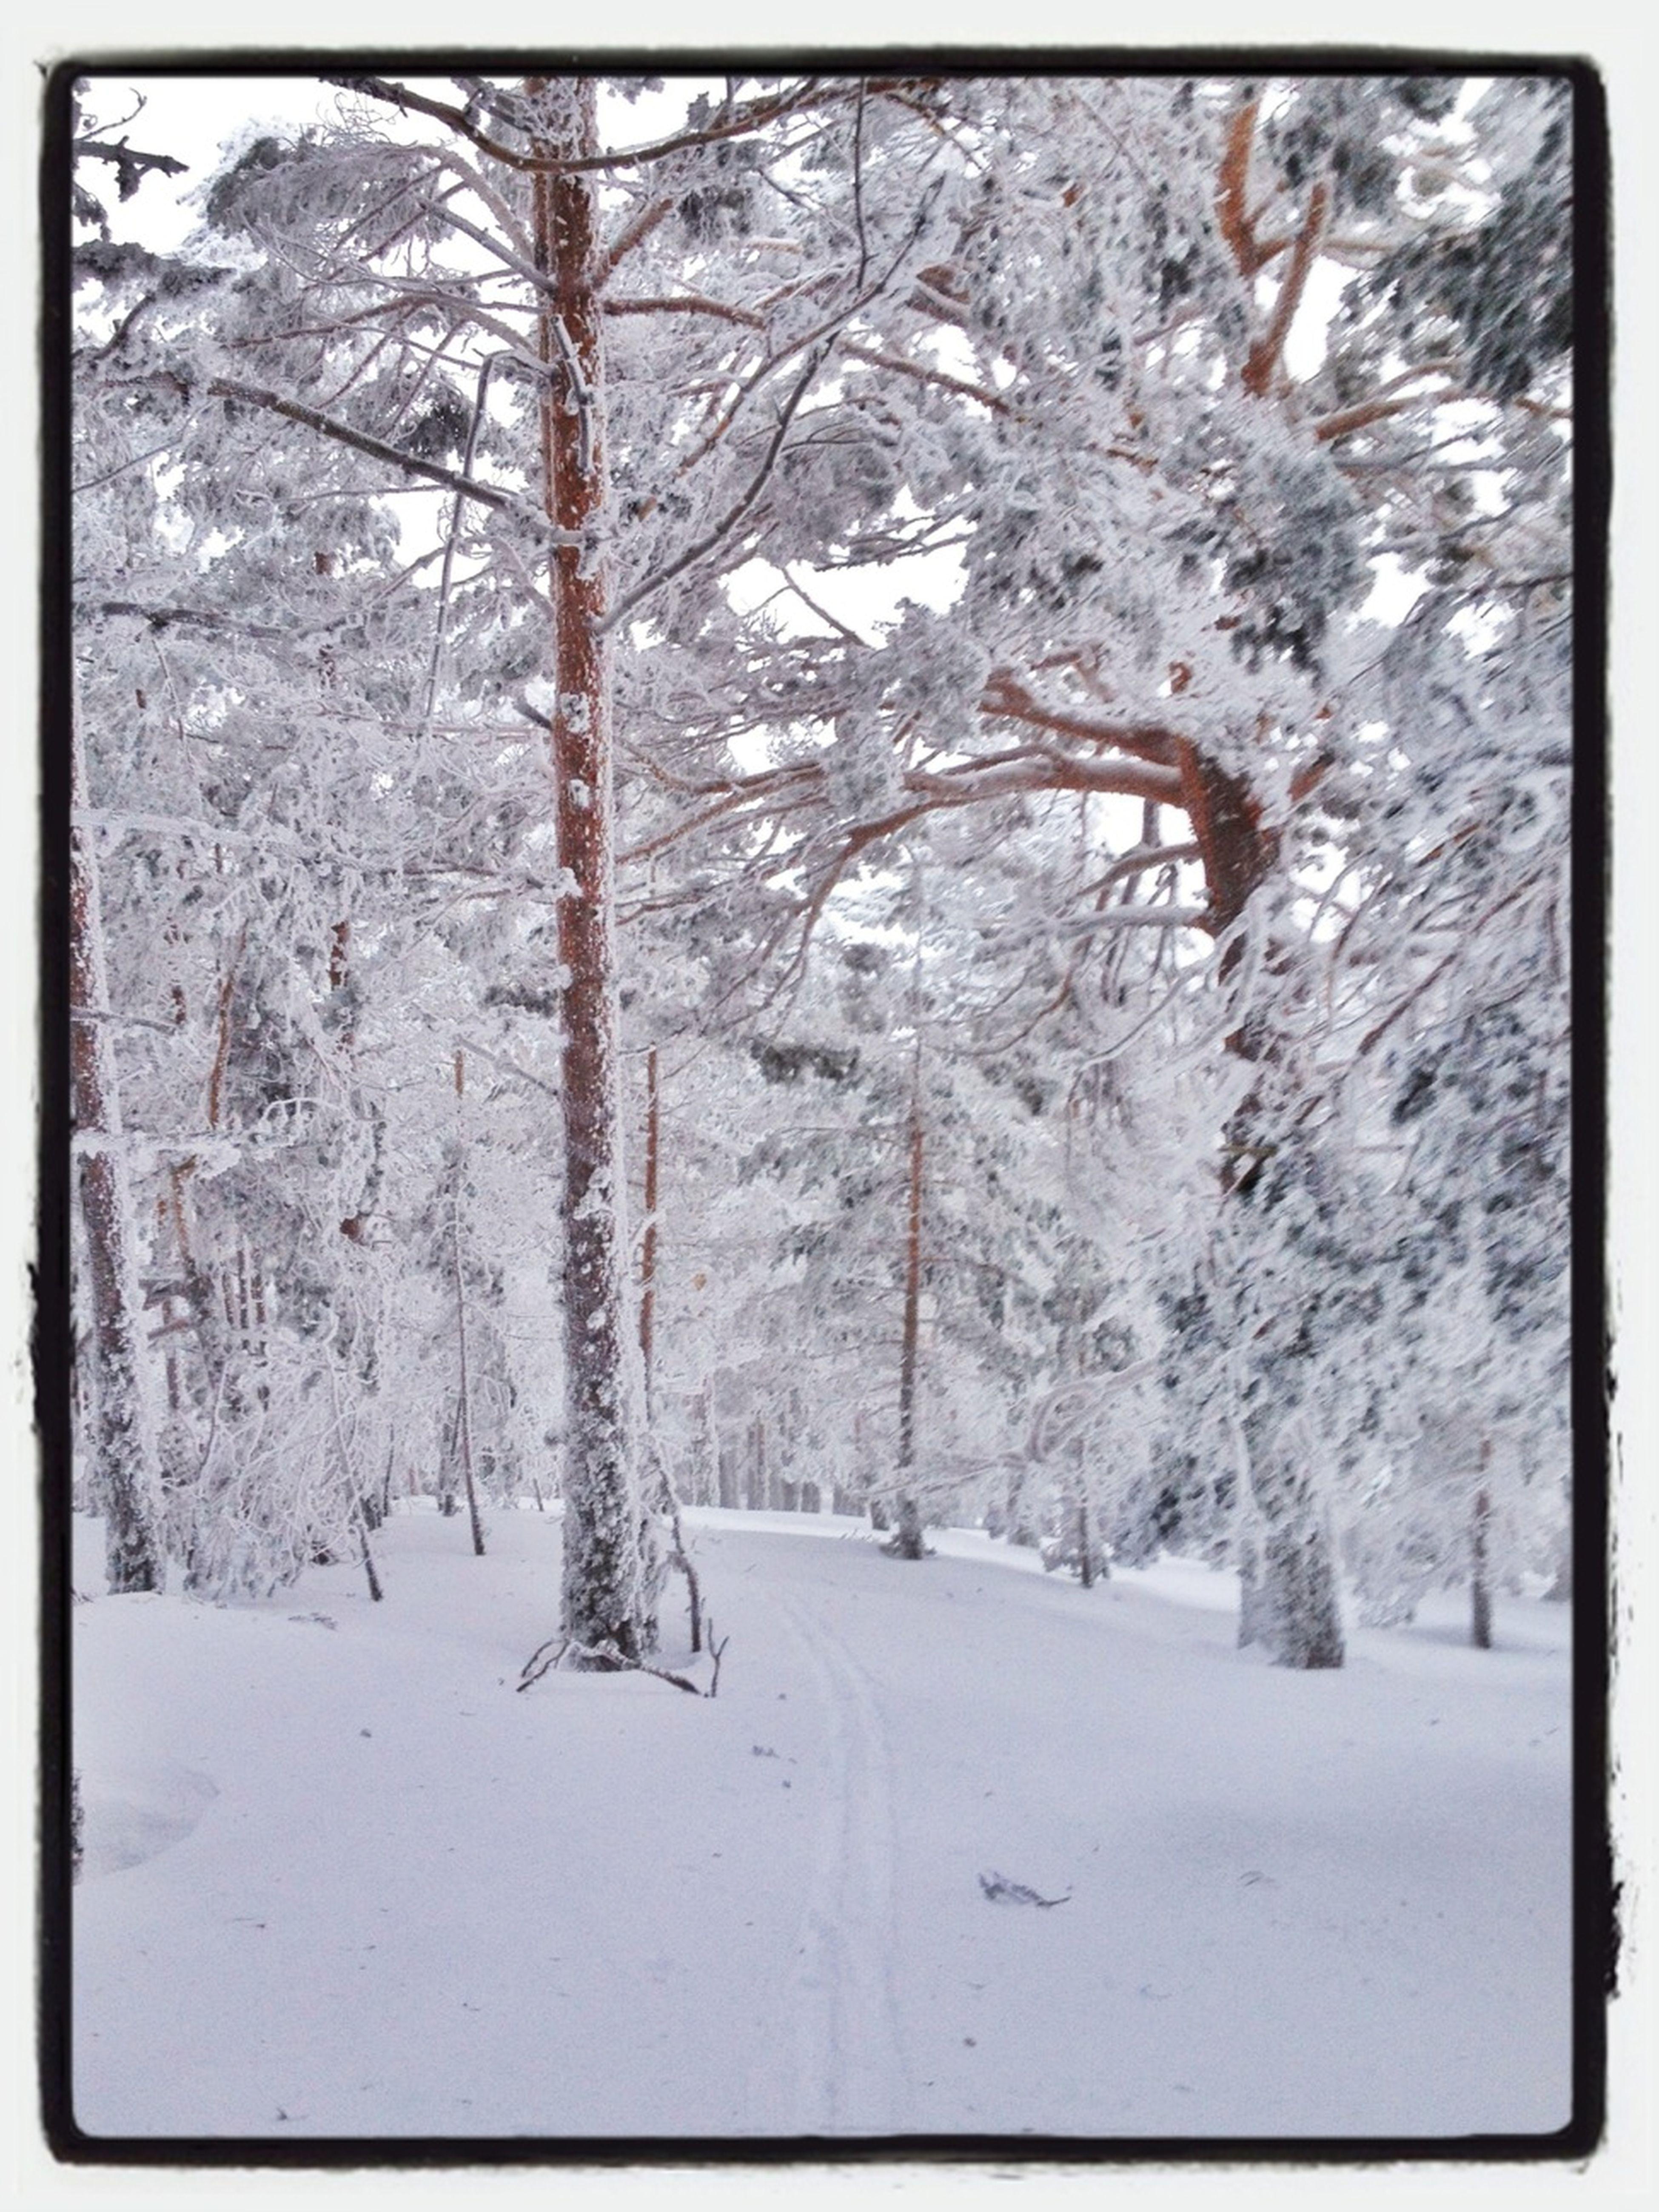 Forest #esquídemontaña #skimountaineering #peñalara #mountain #snow  #colors #cold #training #ilovemountain #gasss #forest